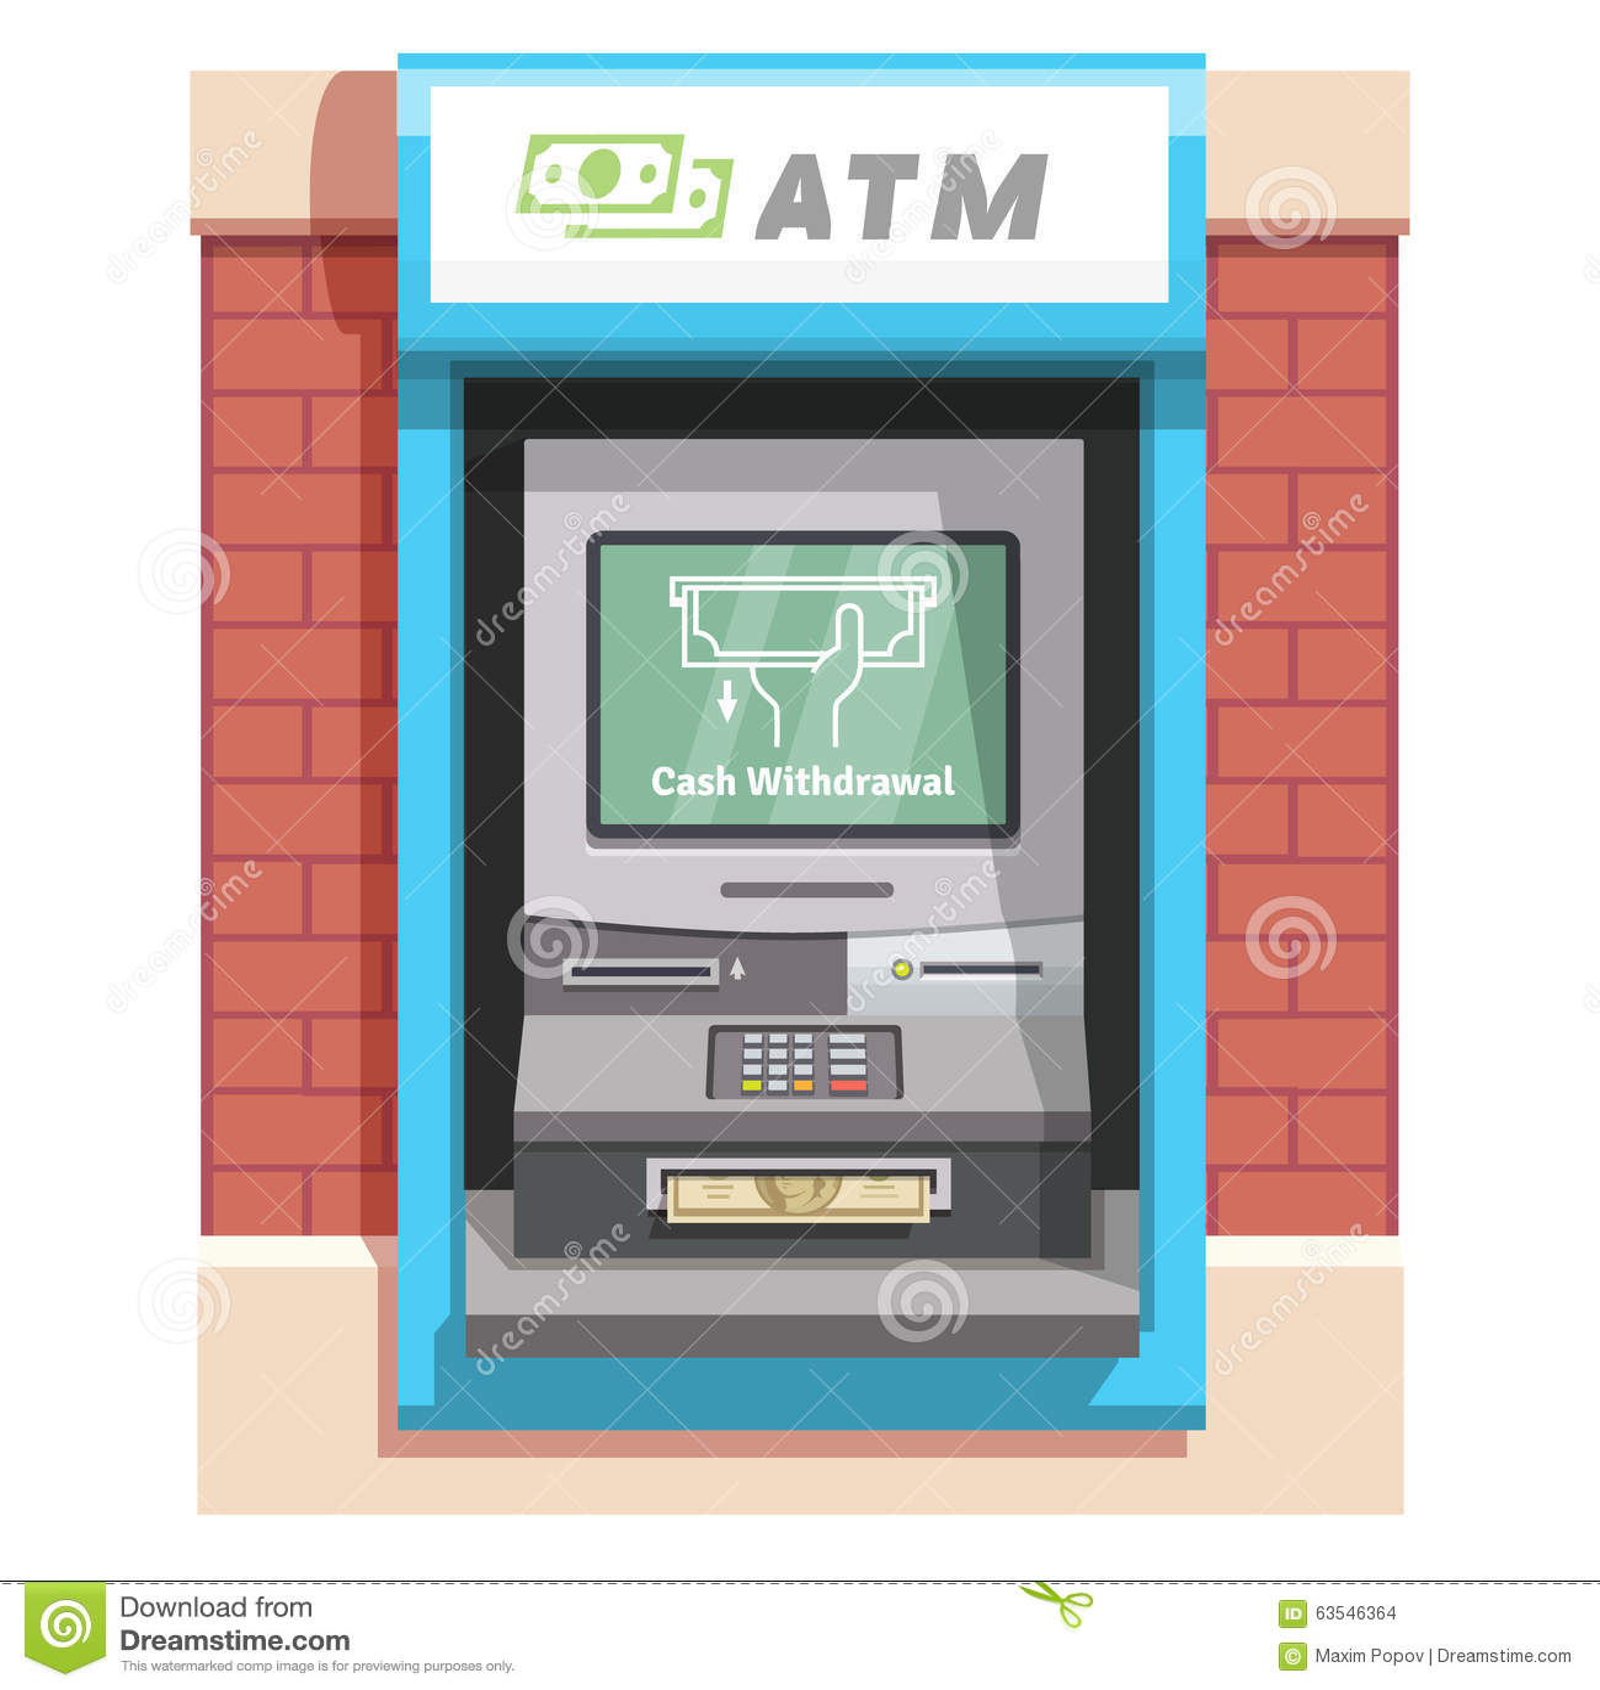 Debit Card Slot -997784